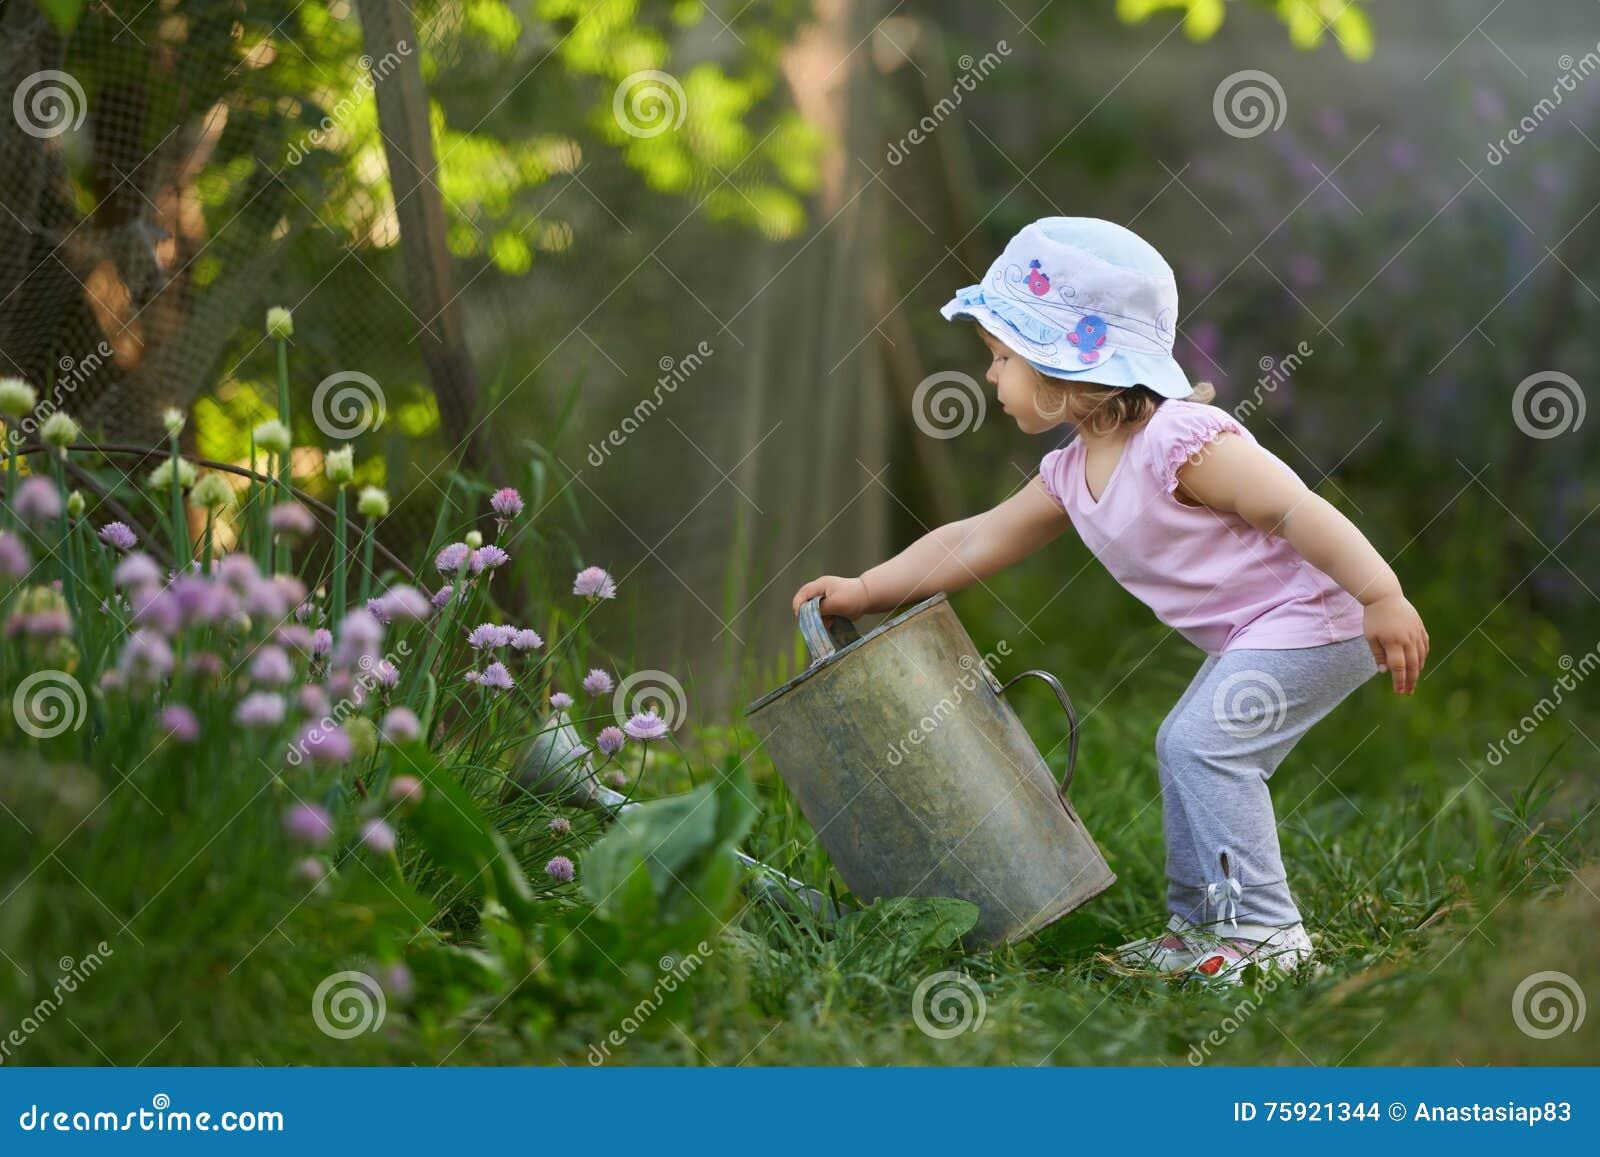 https://thumbs.dreamstime.com/z/little-farmer-work-garden-watering-onions-75921344.jpg